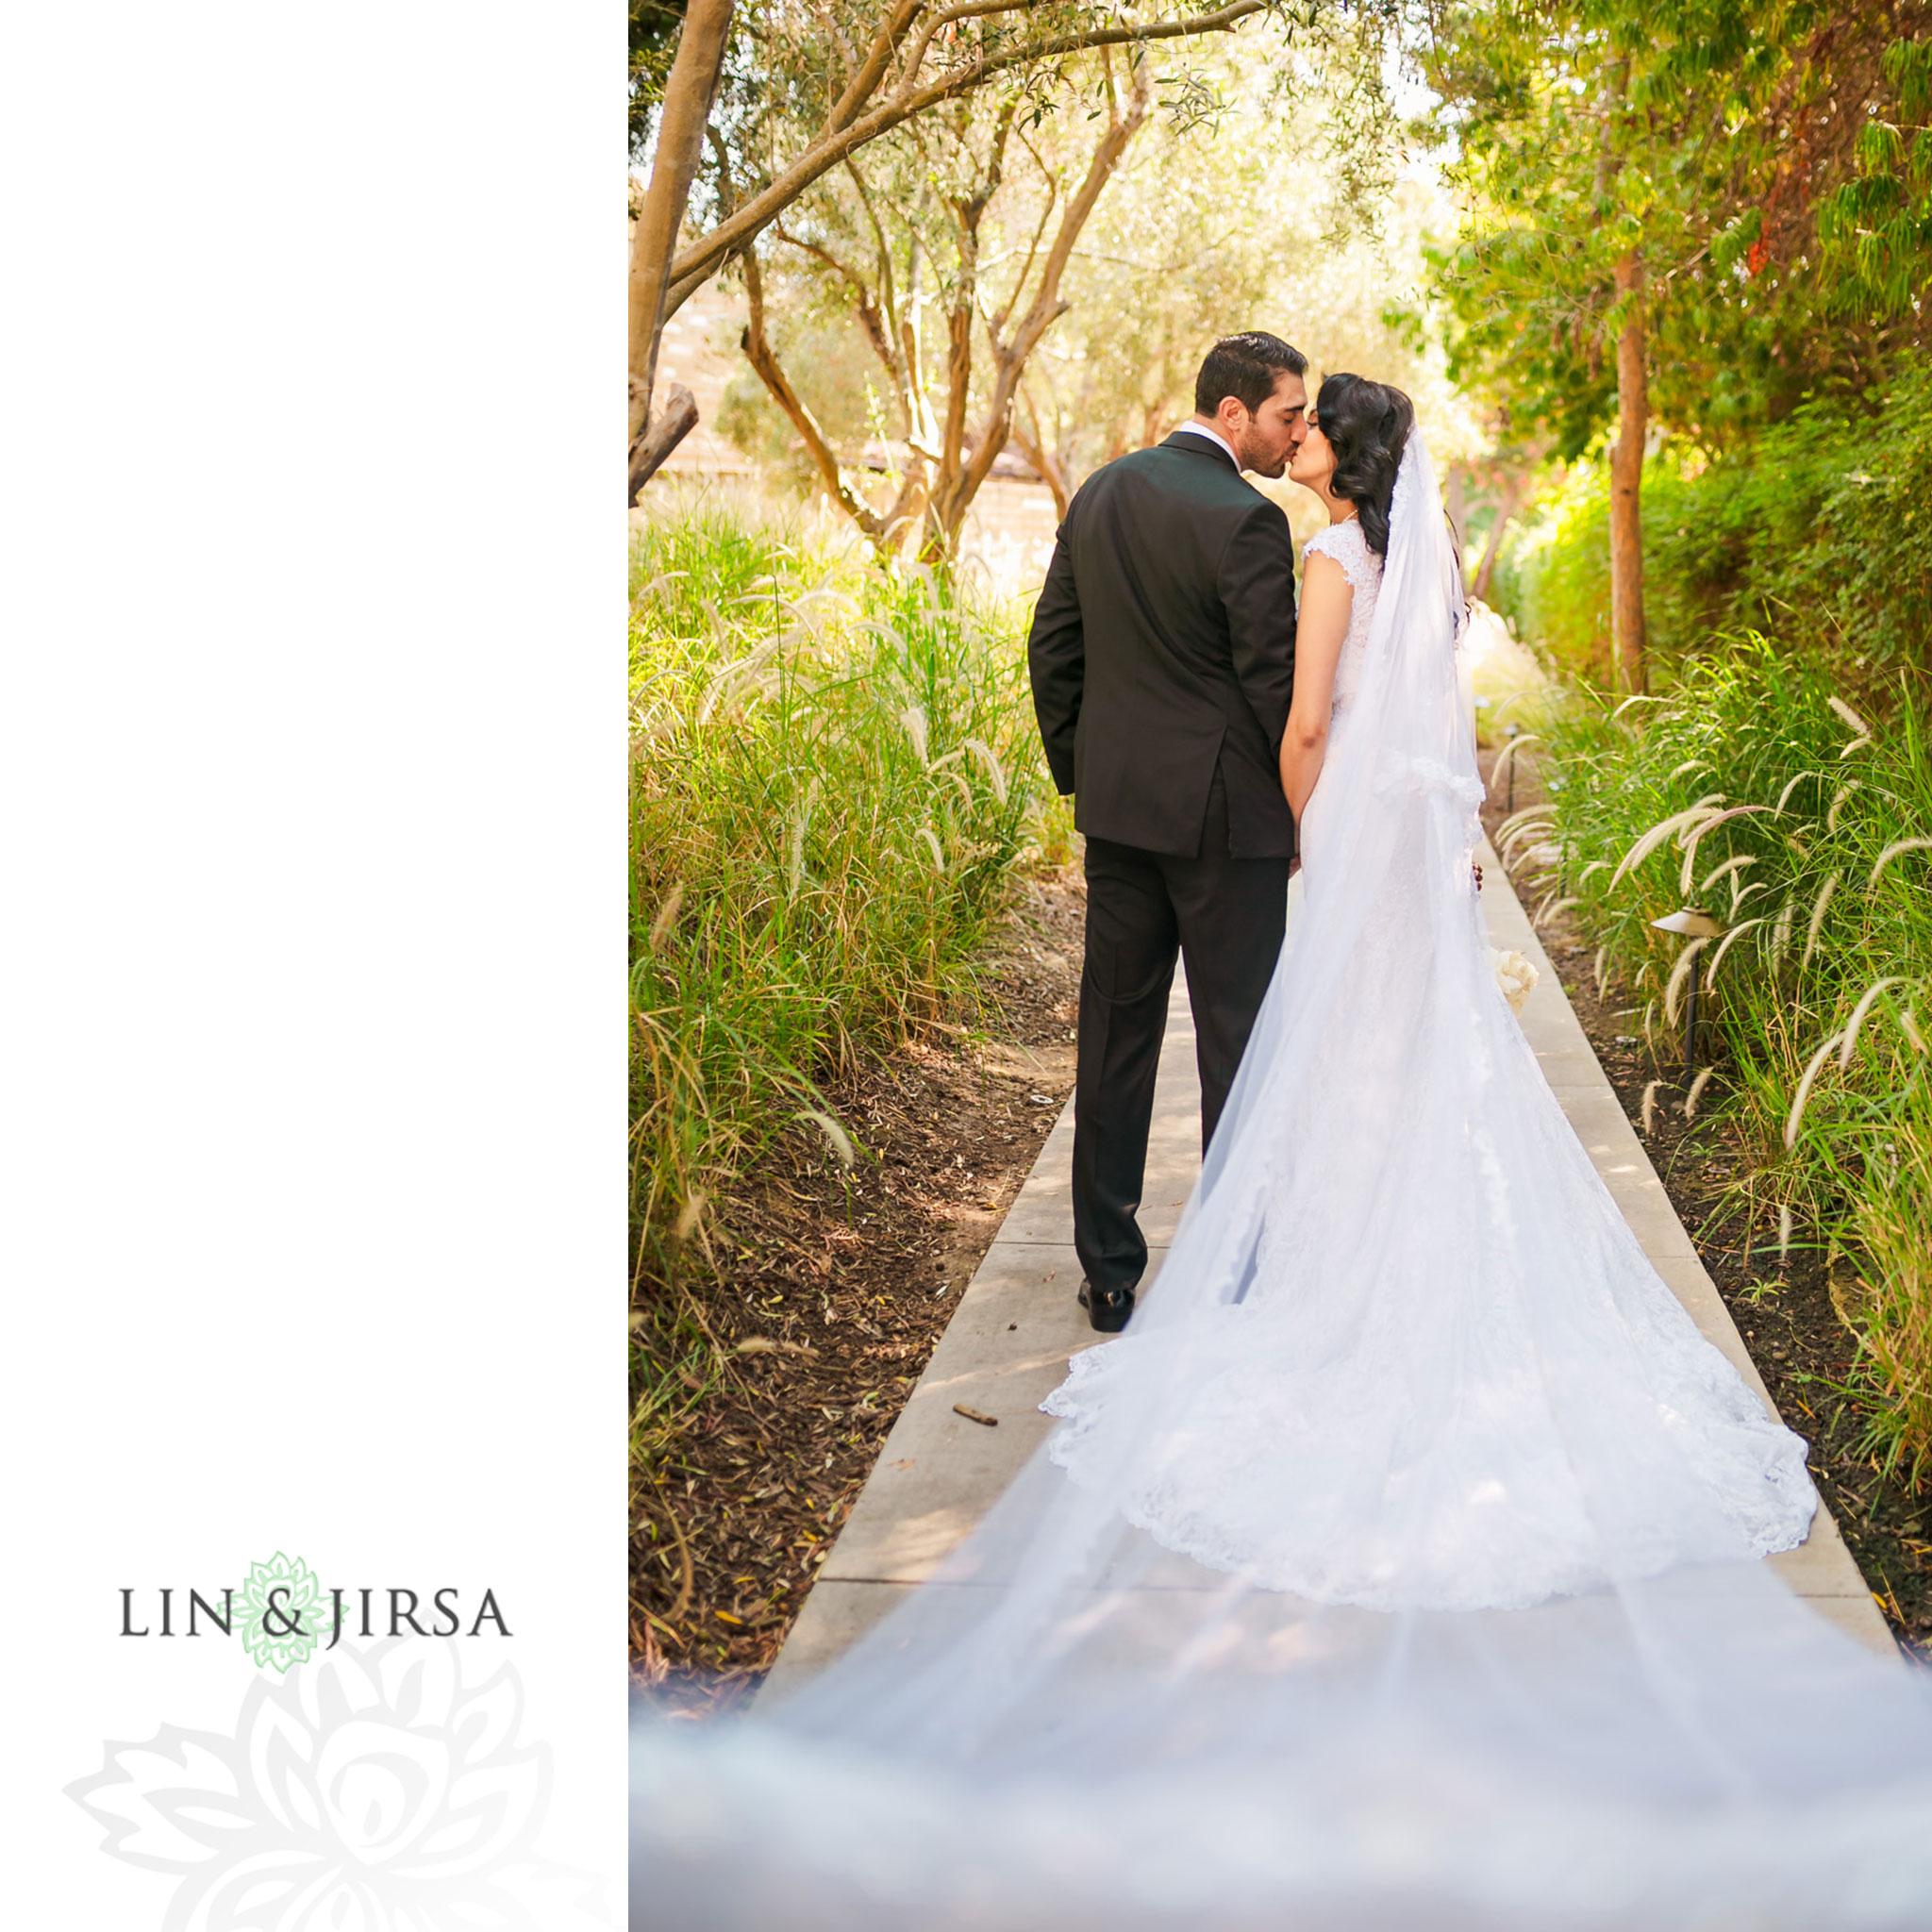 023 estancia la jolla hotel spa persian wedding photography